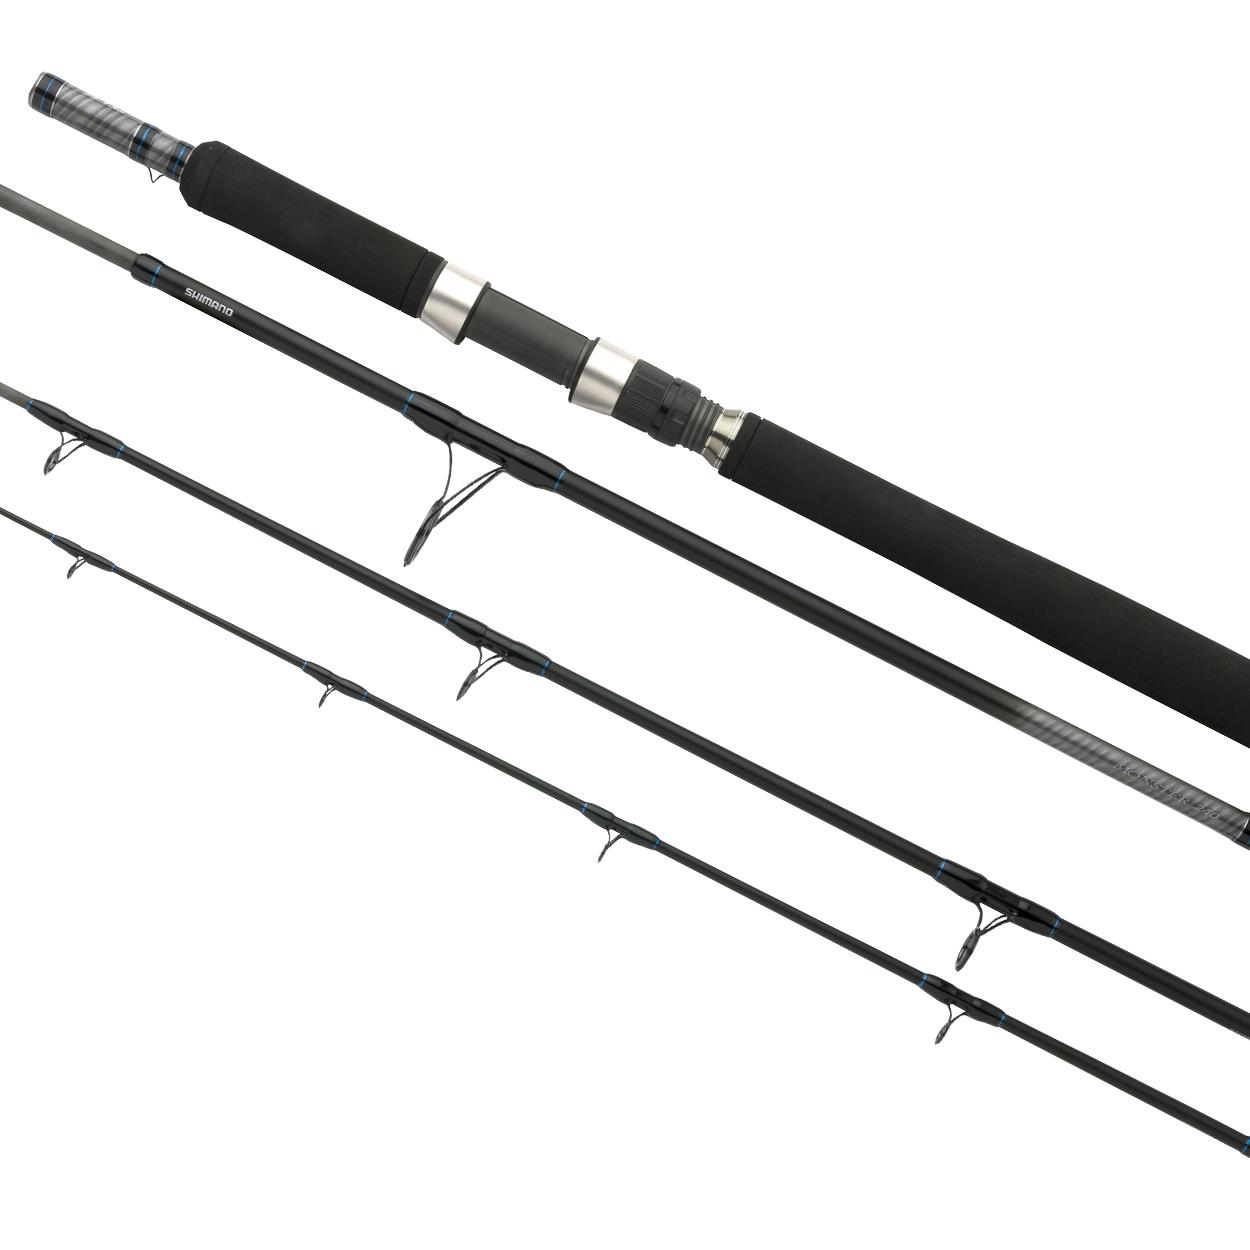 Удилище спиннинговое SHIMANO STC MONSTER 240 (+ Леска в подарок!) спиннинг shimano forcemaster bx spinning длина 240 см строй fast мощность light тест 3 14 гр вес 119 гр xt40 geofibre